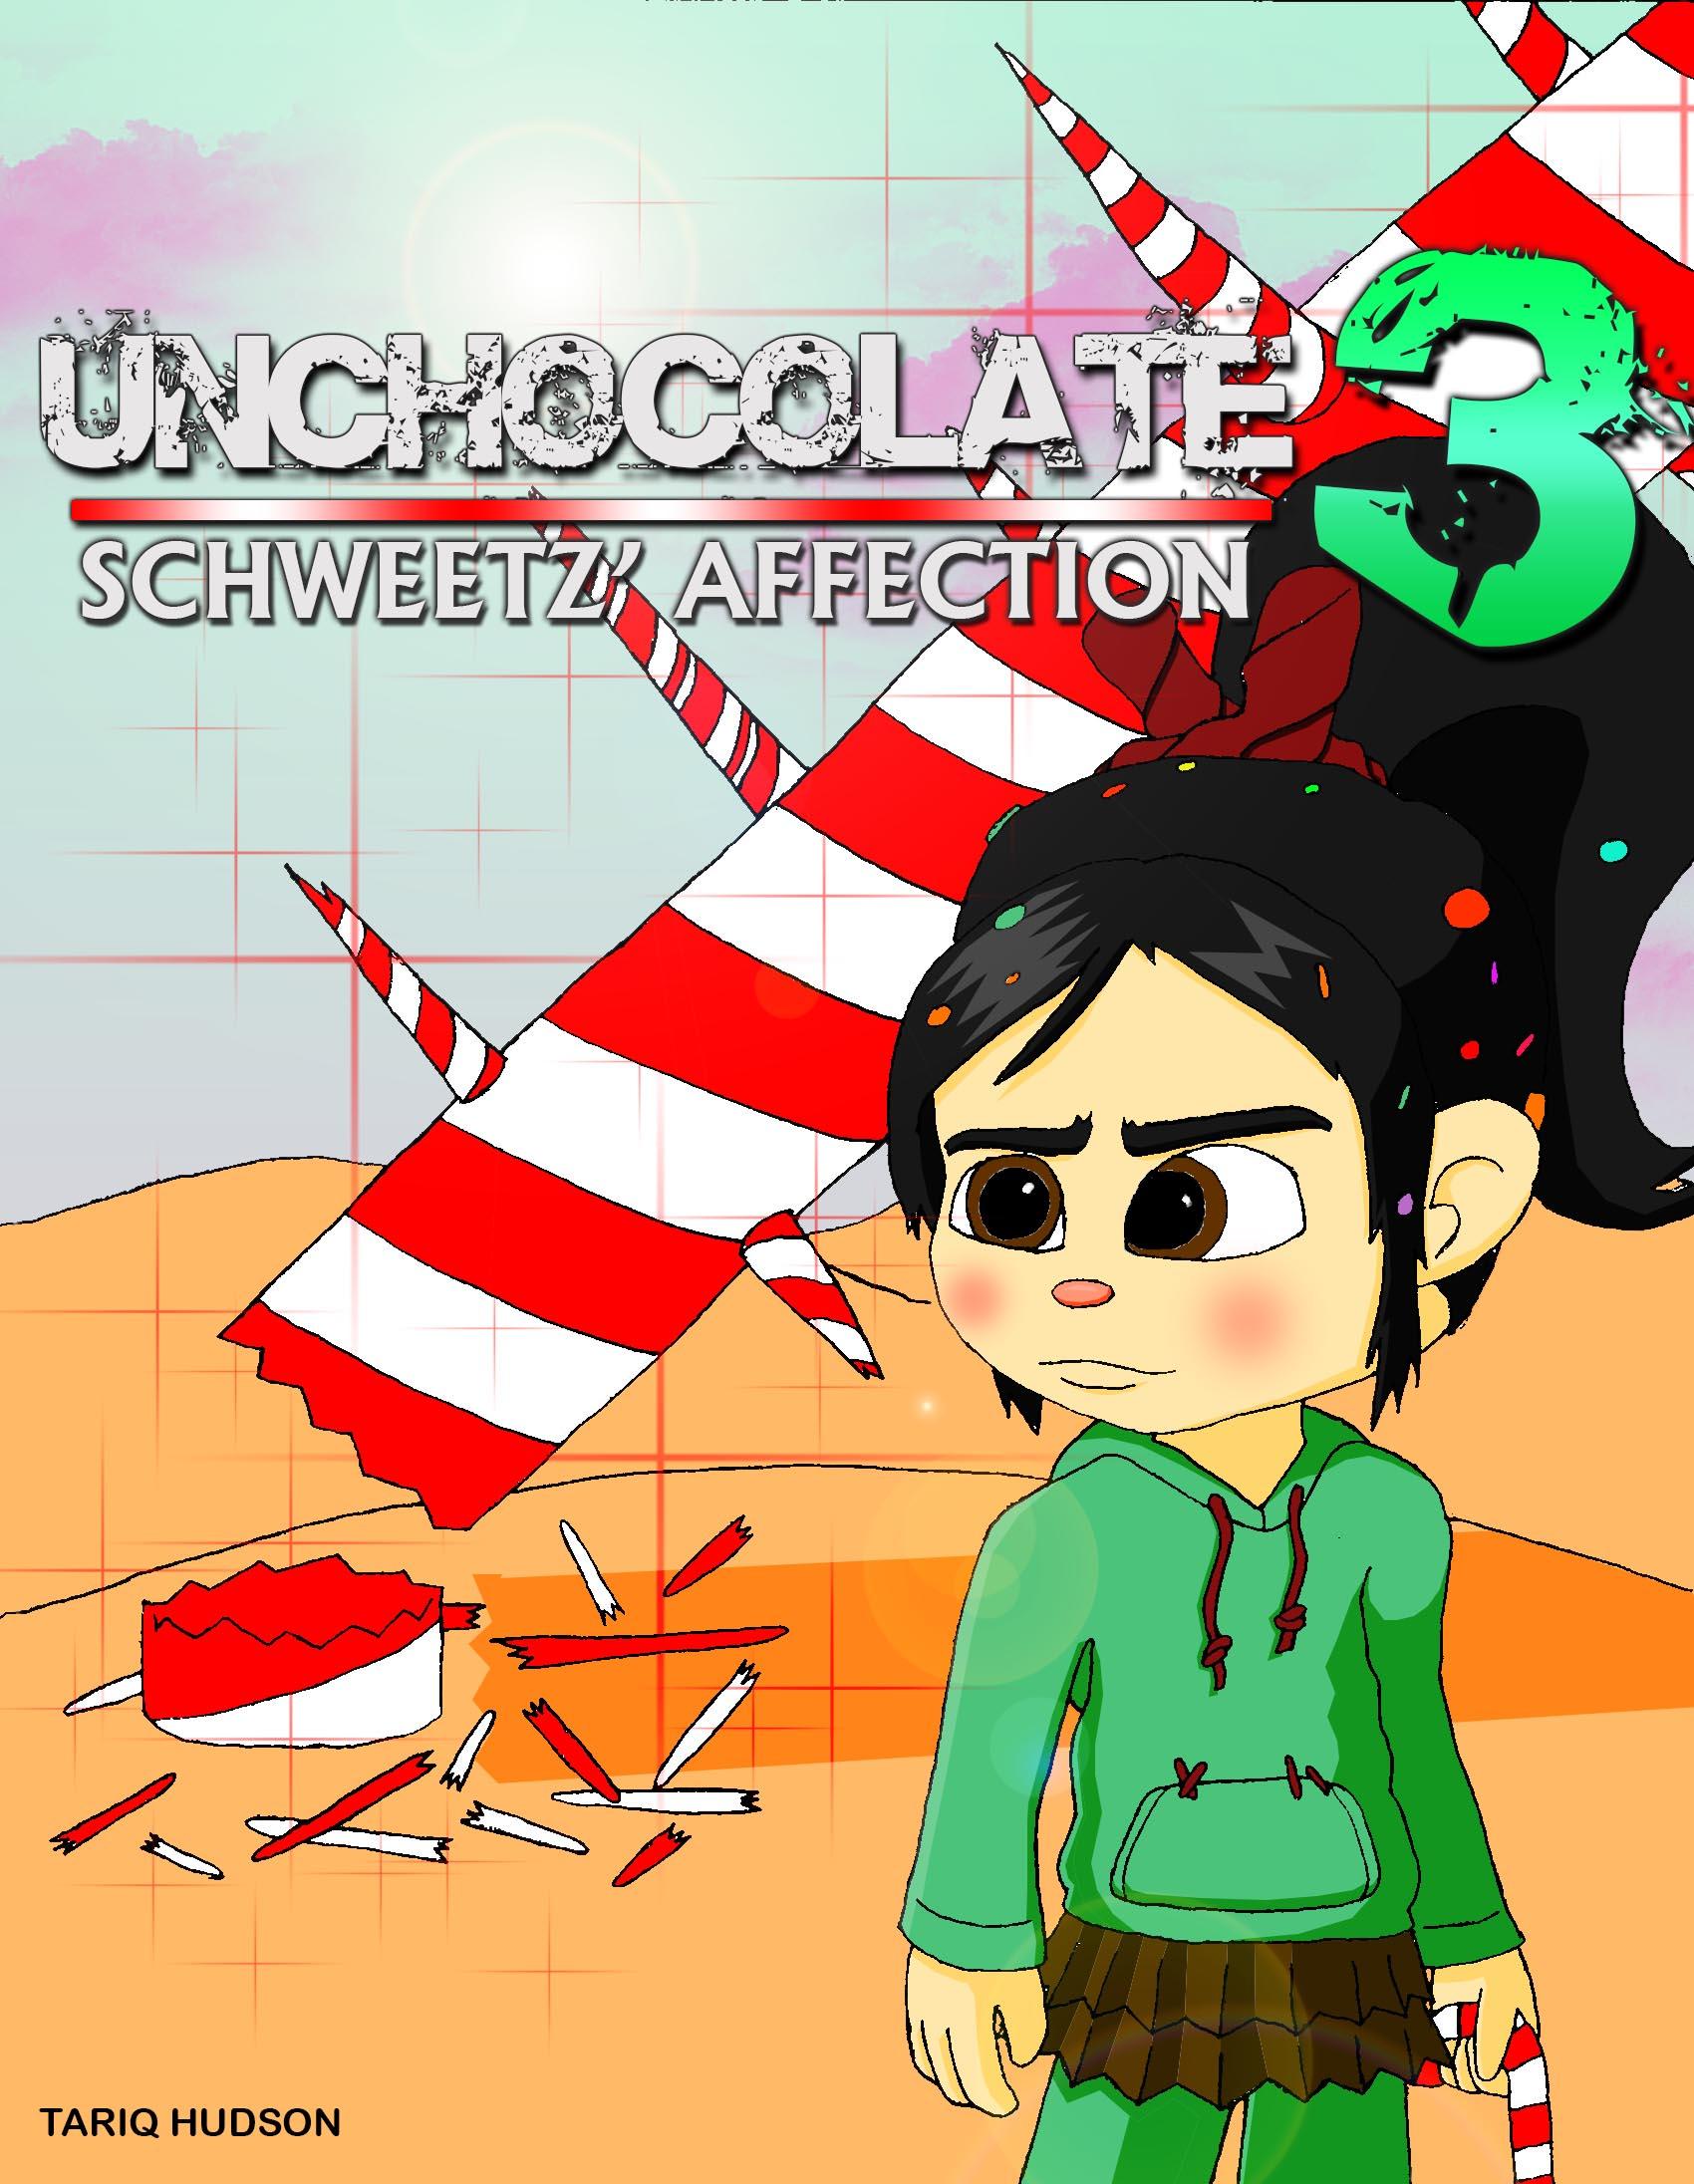 Unchocolate 3